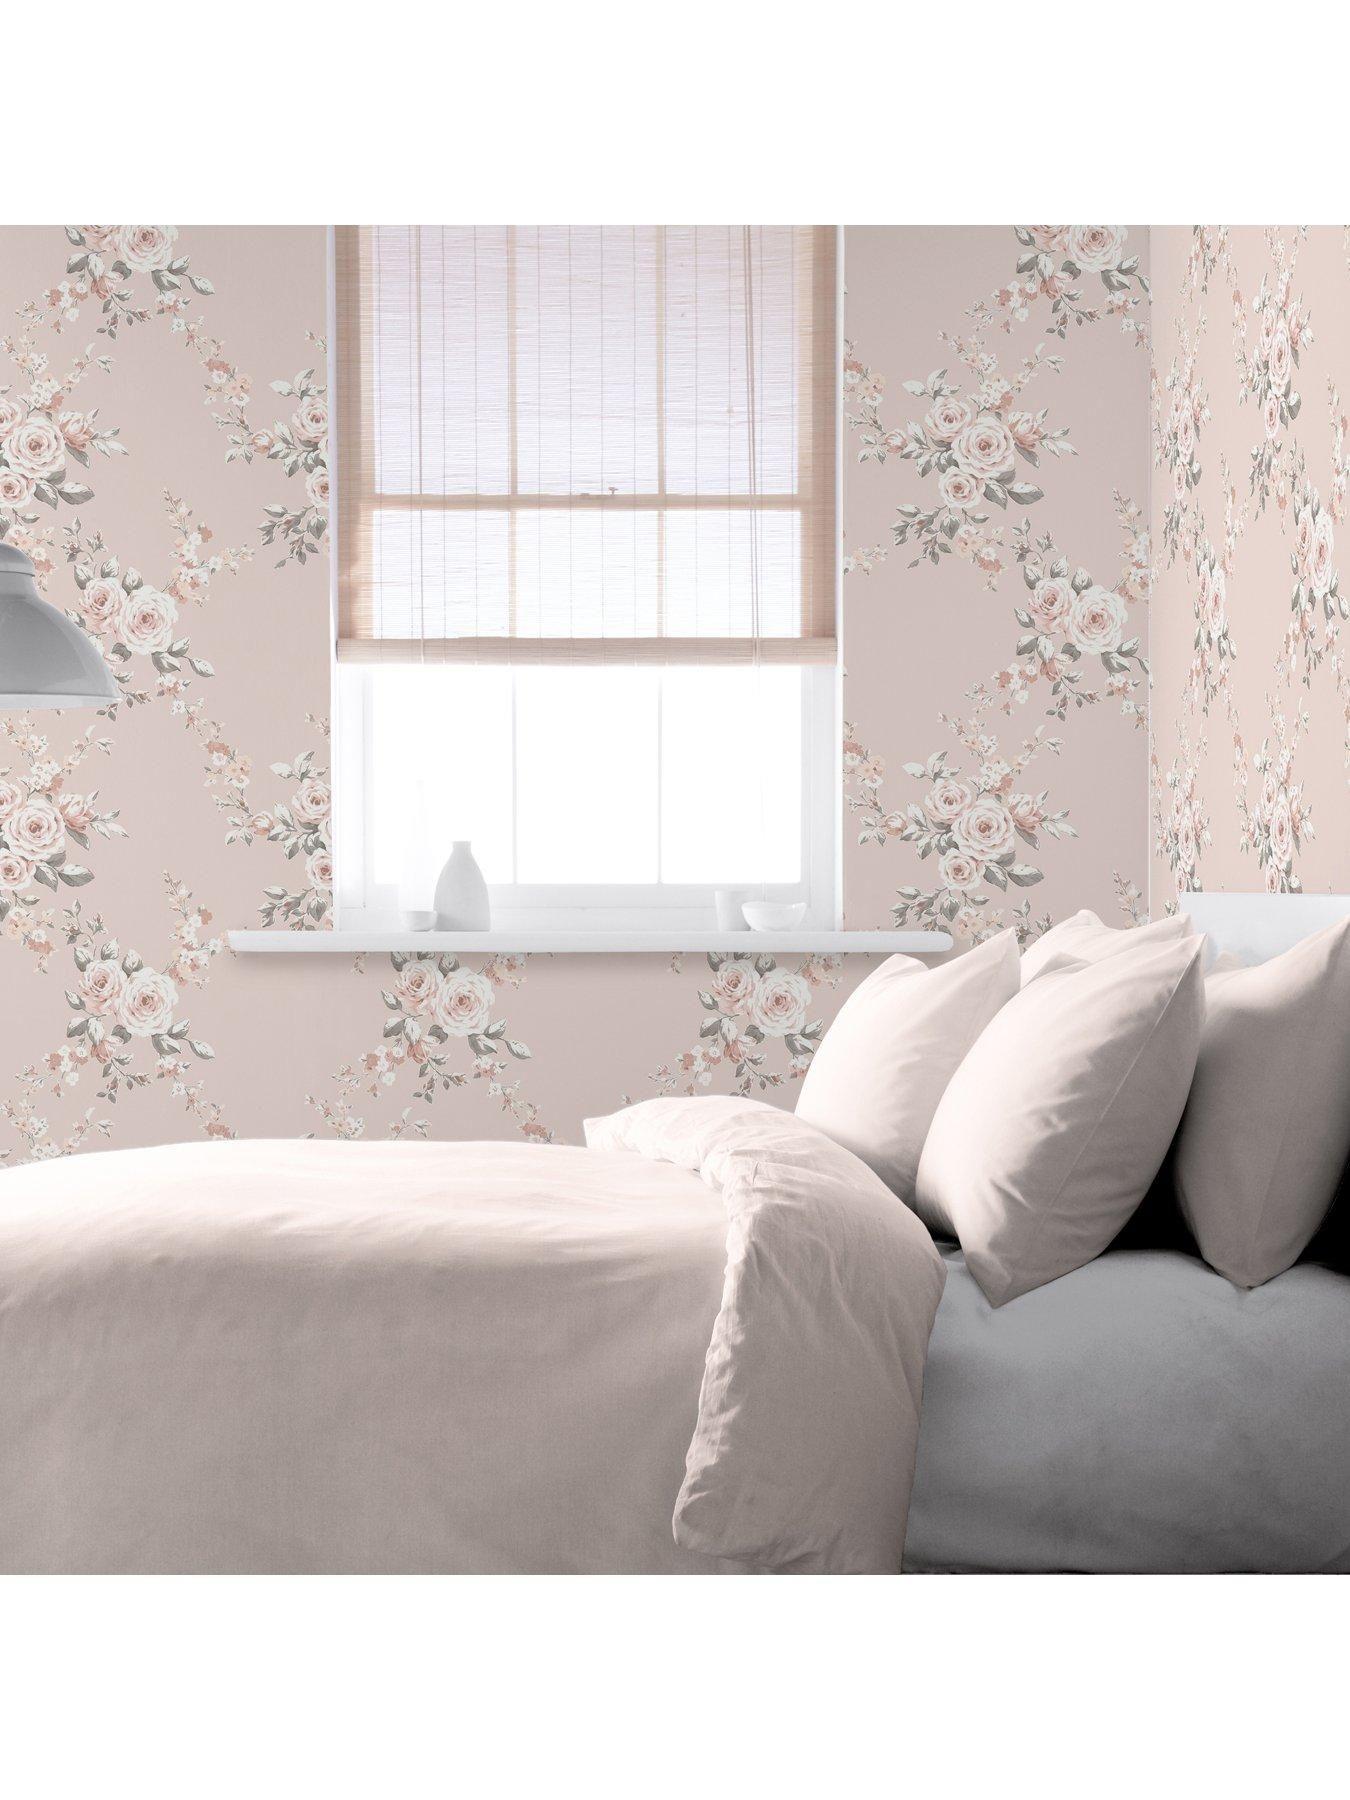 Grandeco Light Grey Silver Glitter Damask Vinyl Wallpaper Subtle Pink Blush